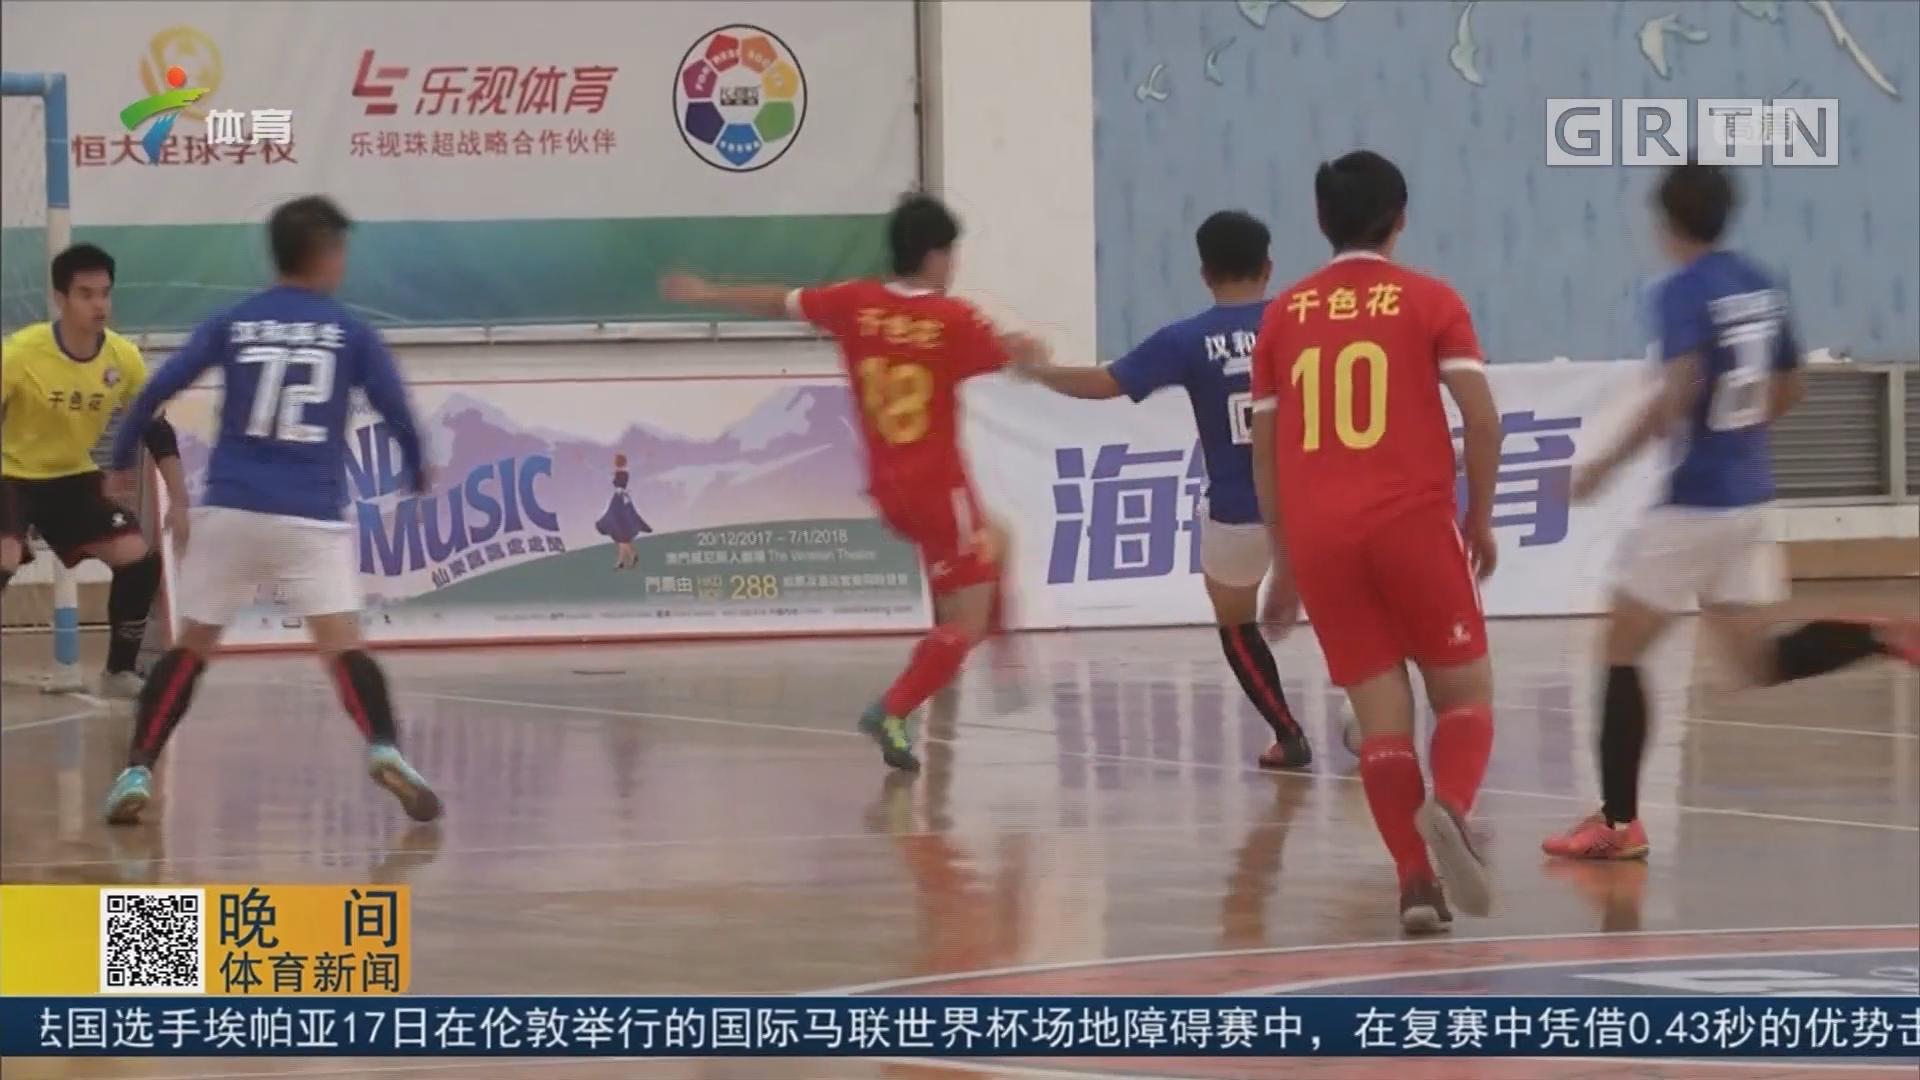 新赛季开门红 江门千色花6球大胜佛山